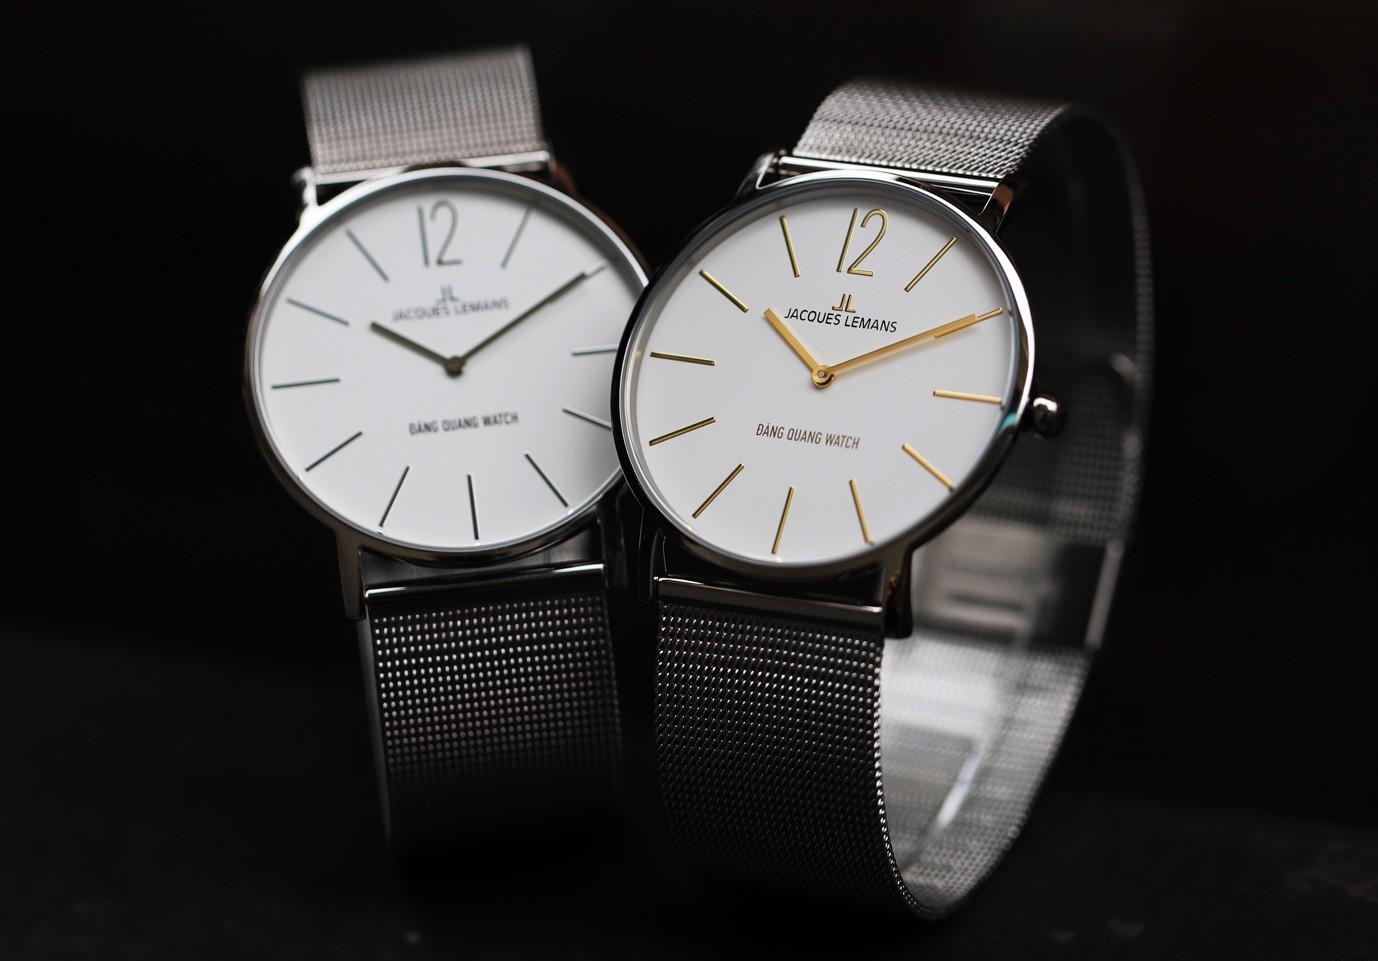 Ưu đãi giảm giá lên đến 25% tuần lễ trải nghiệm mua sắm đỉnh cao với đồng hồ, kính mắt Đăng Quang - Ảnh 3.